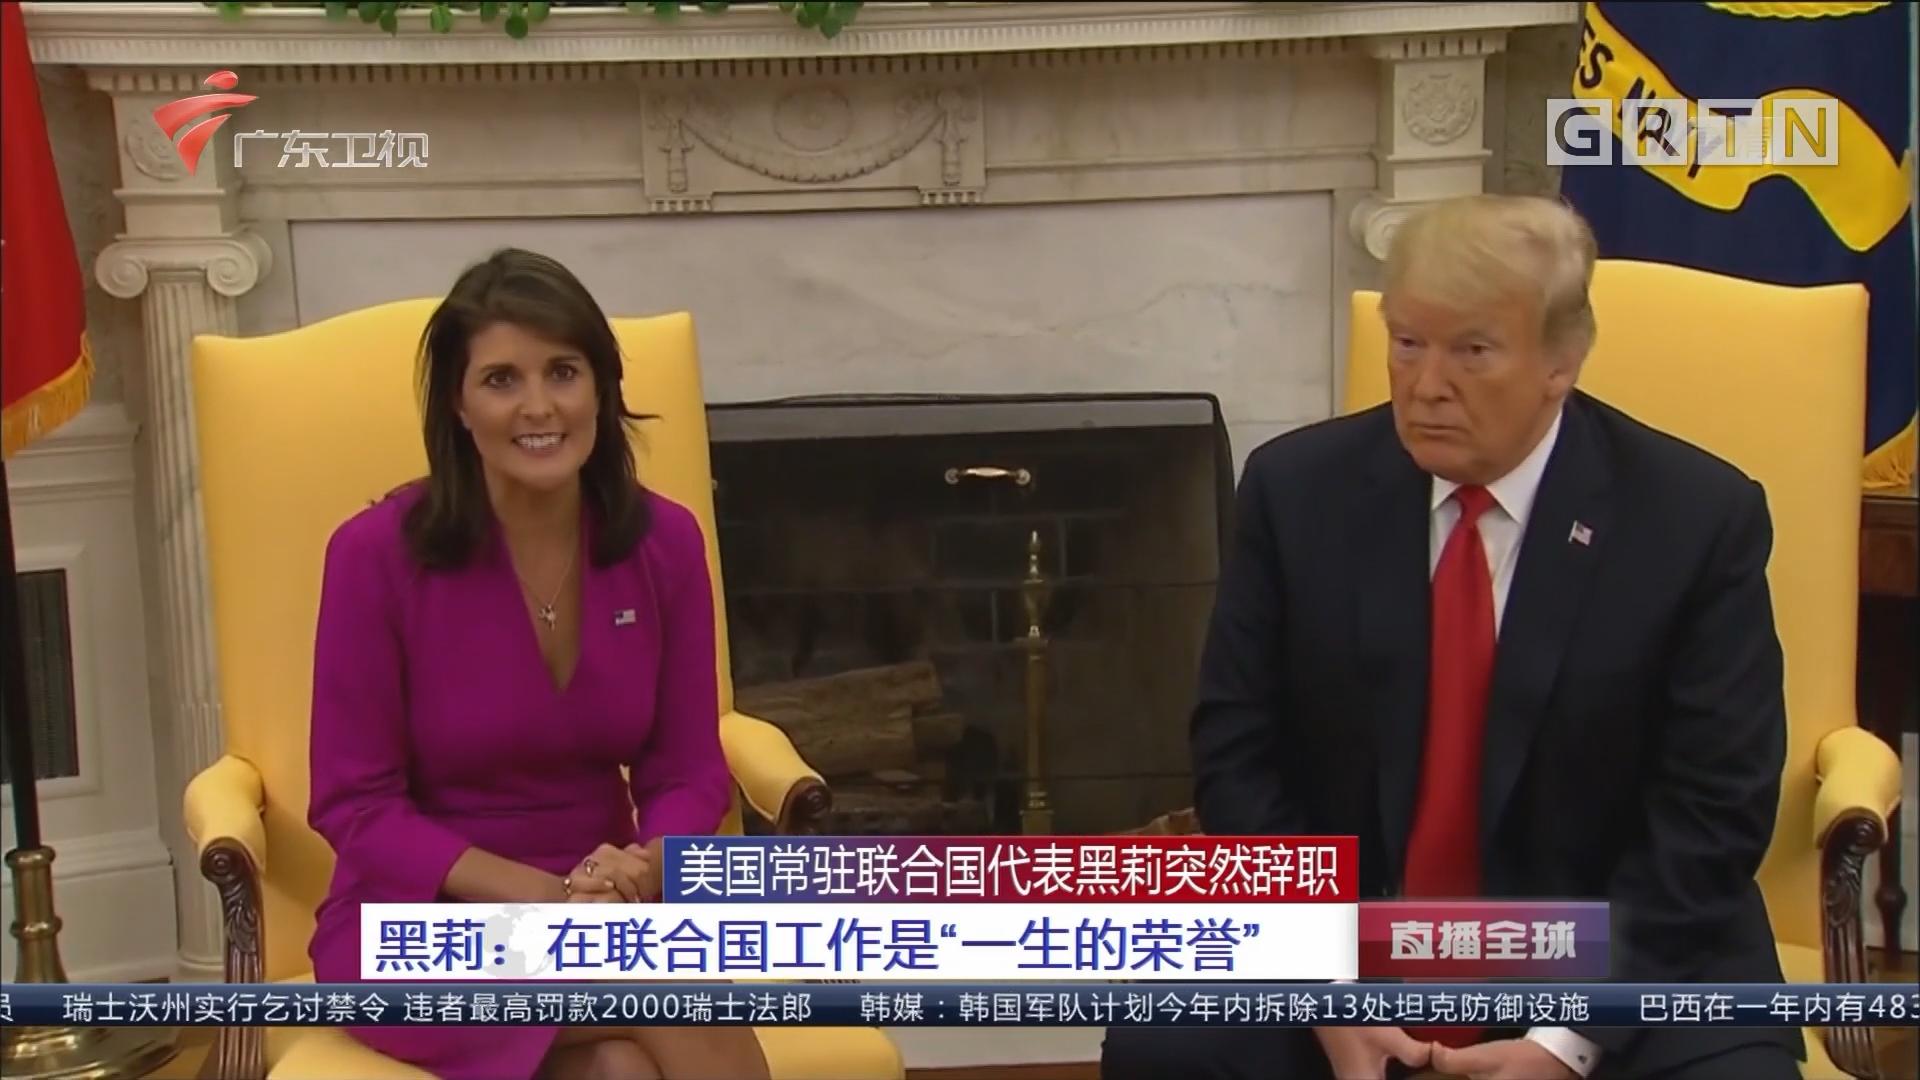 """美国常驻联合国代表黑莉突然辞职 特朗普:黑莉对我而言""""非常特别"""""""